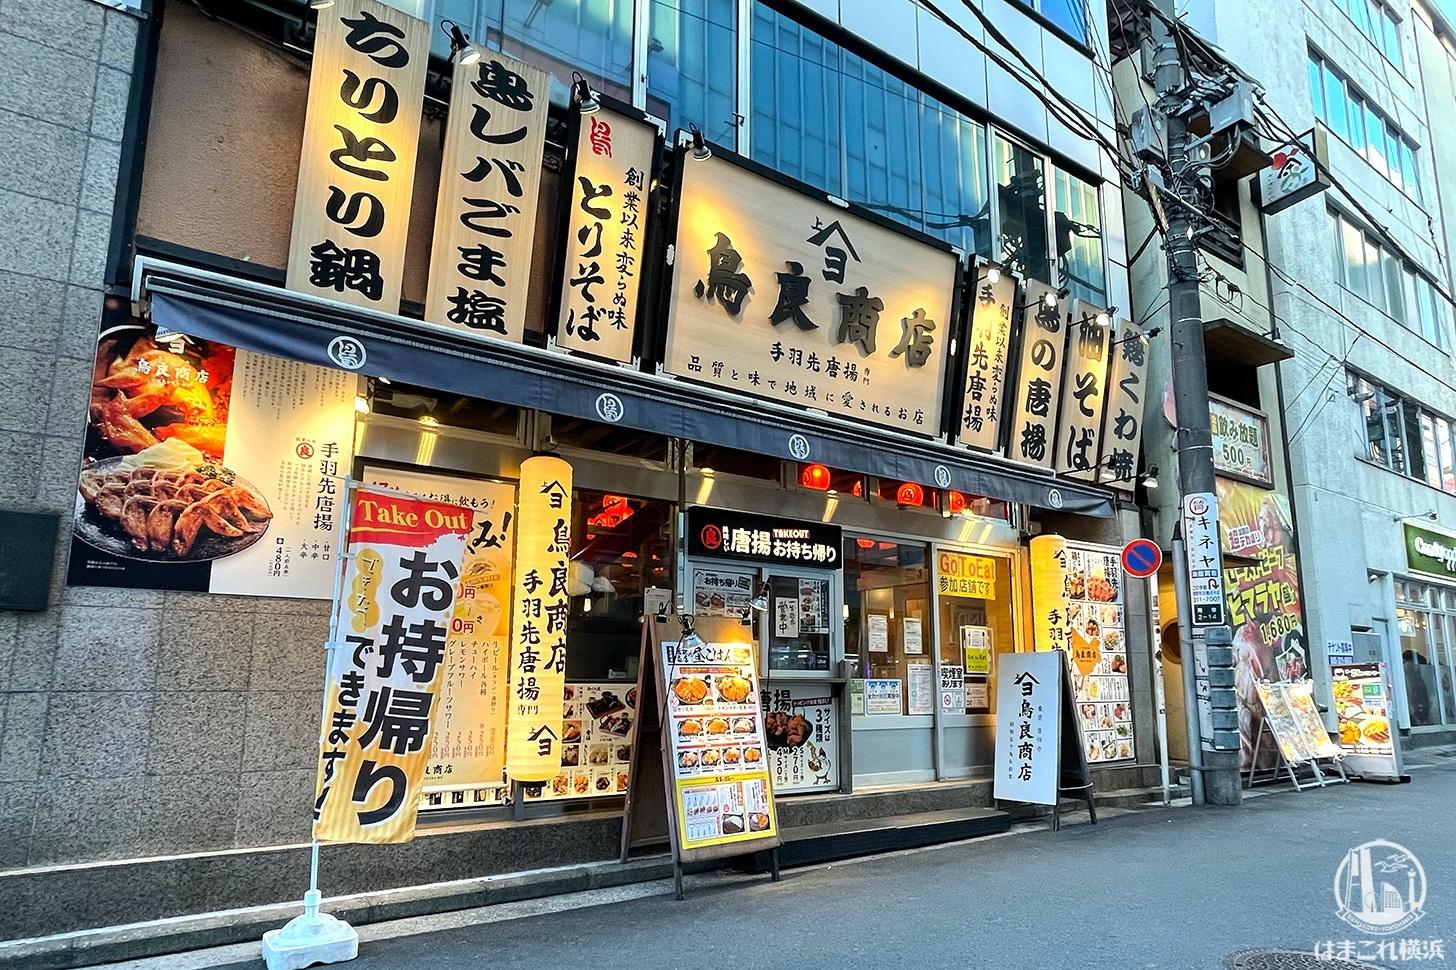 鳥良商店 横浜西口南幸店